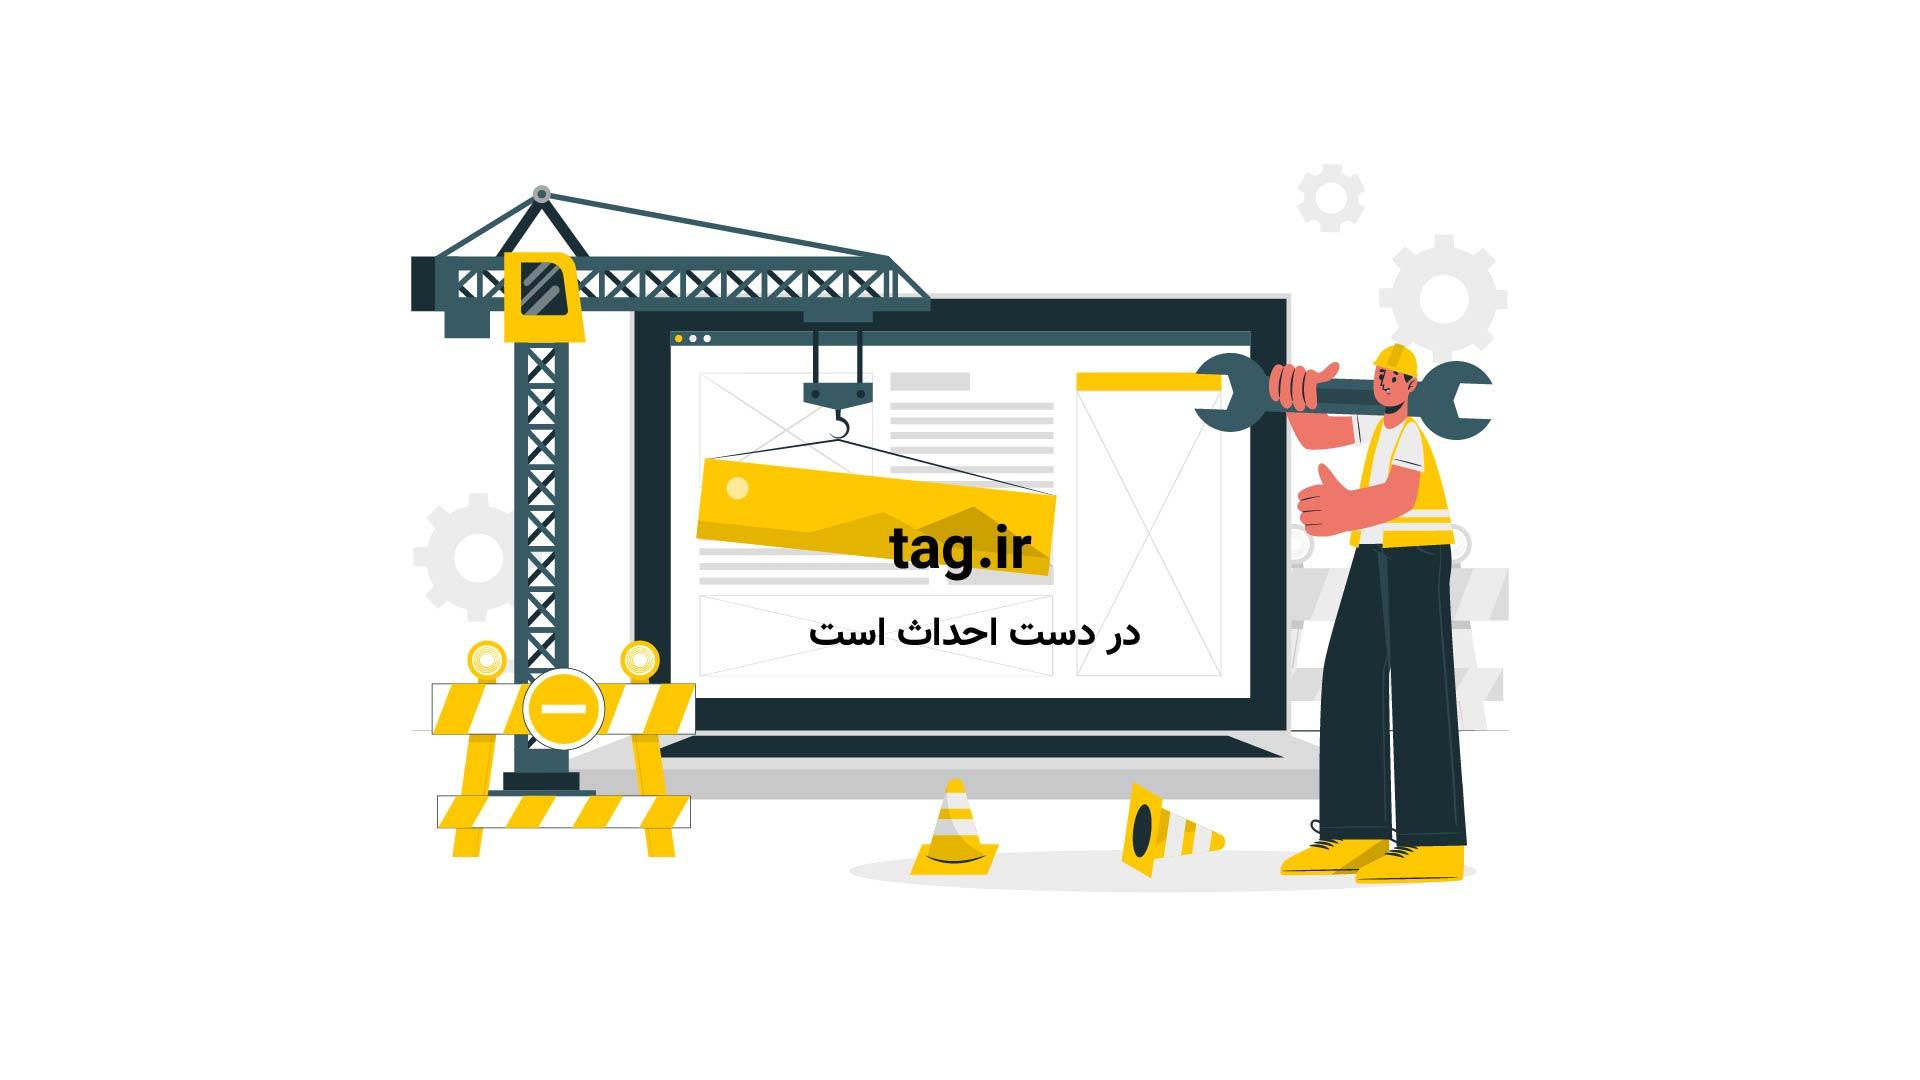 بازی امپراطوری پادشاهی | تگ